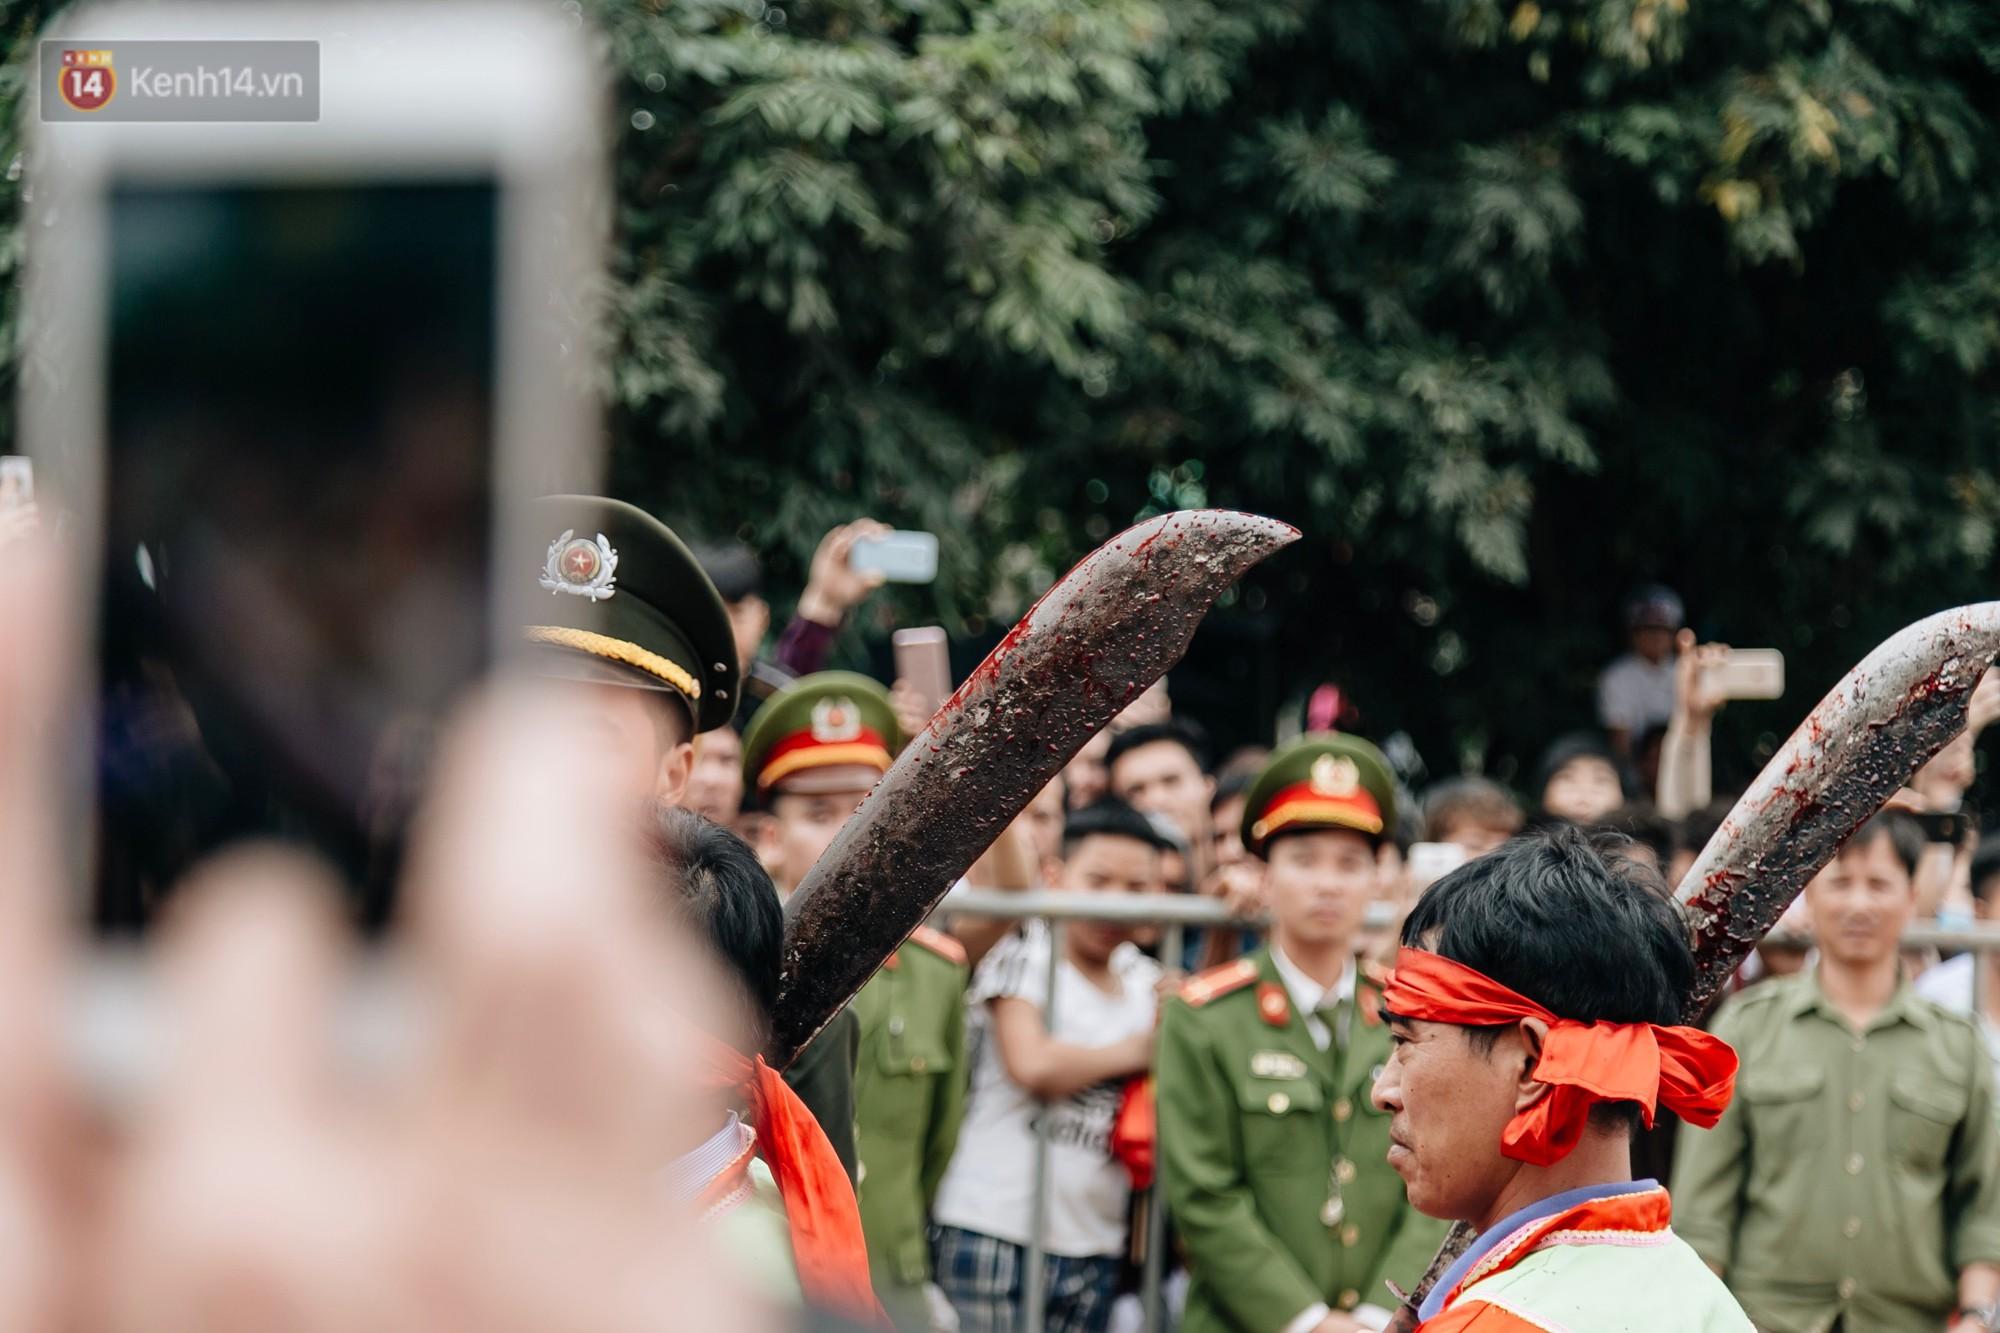 Ảnh, clip: Hàng trăm người dân tập trung chứng kiến nghi lễ chém lợn kín ngày đầu năm, máu 2 ông Ỉn chảy lênh láng - Ảnh 18.